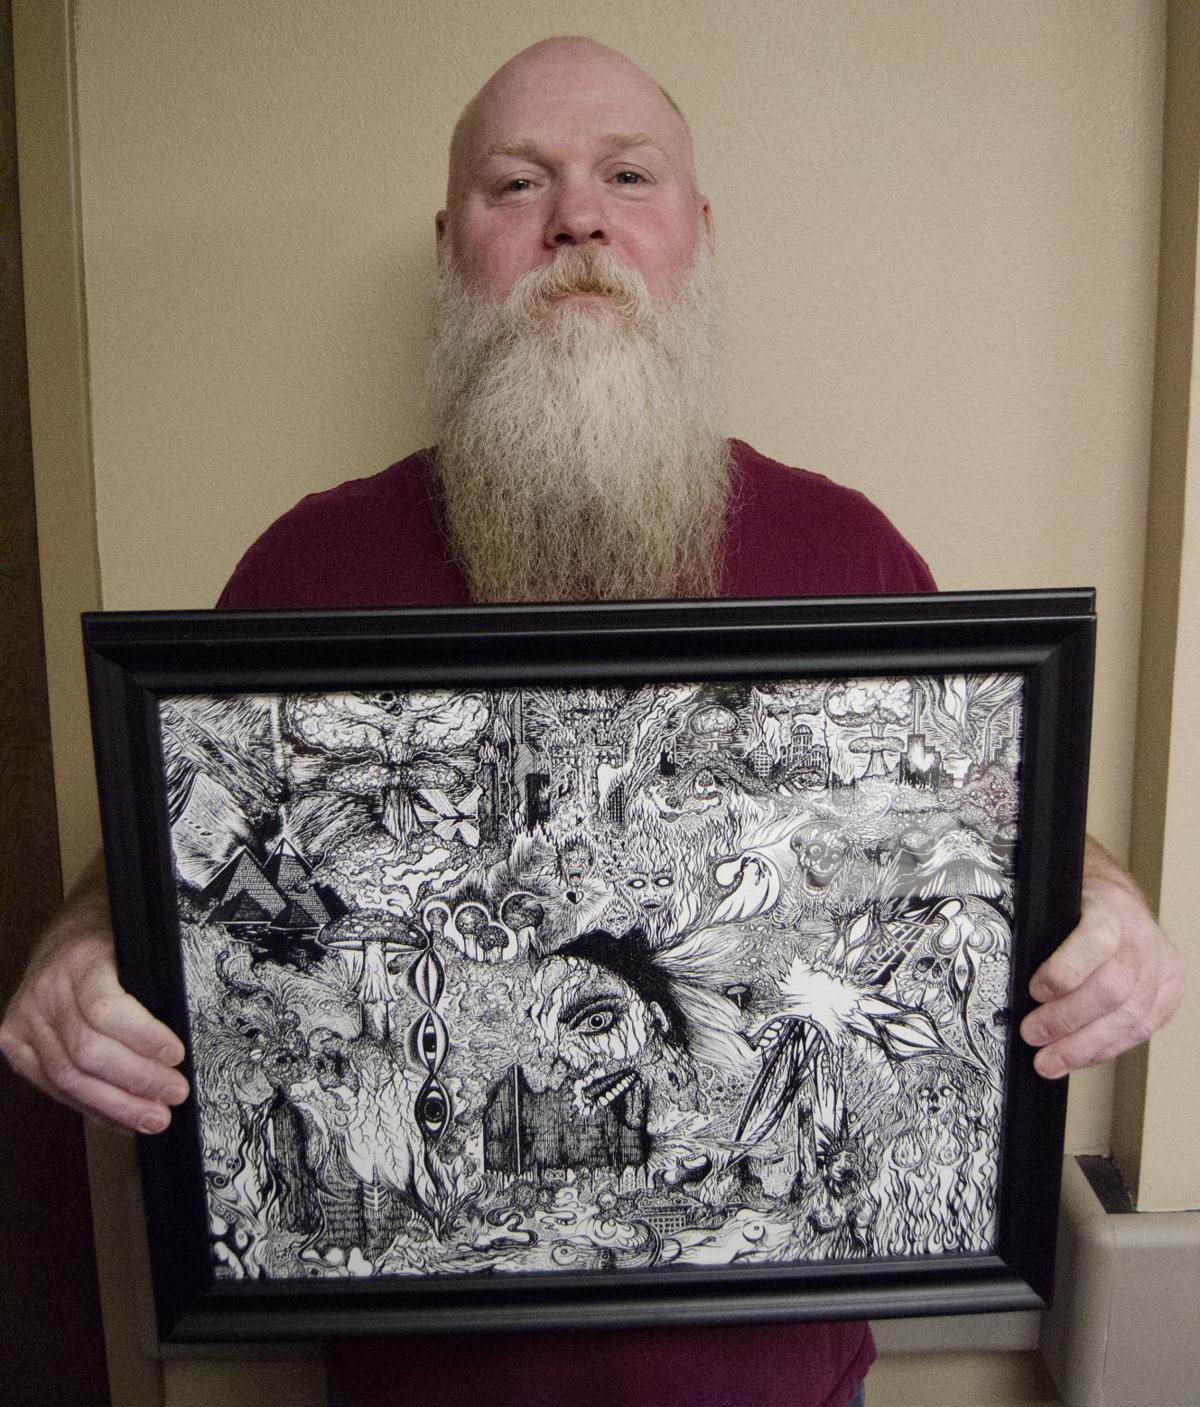 Eric Hovde holding art